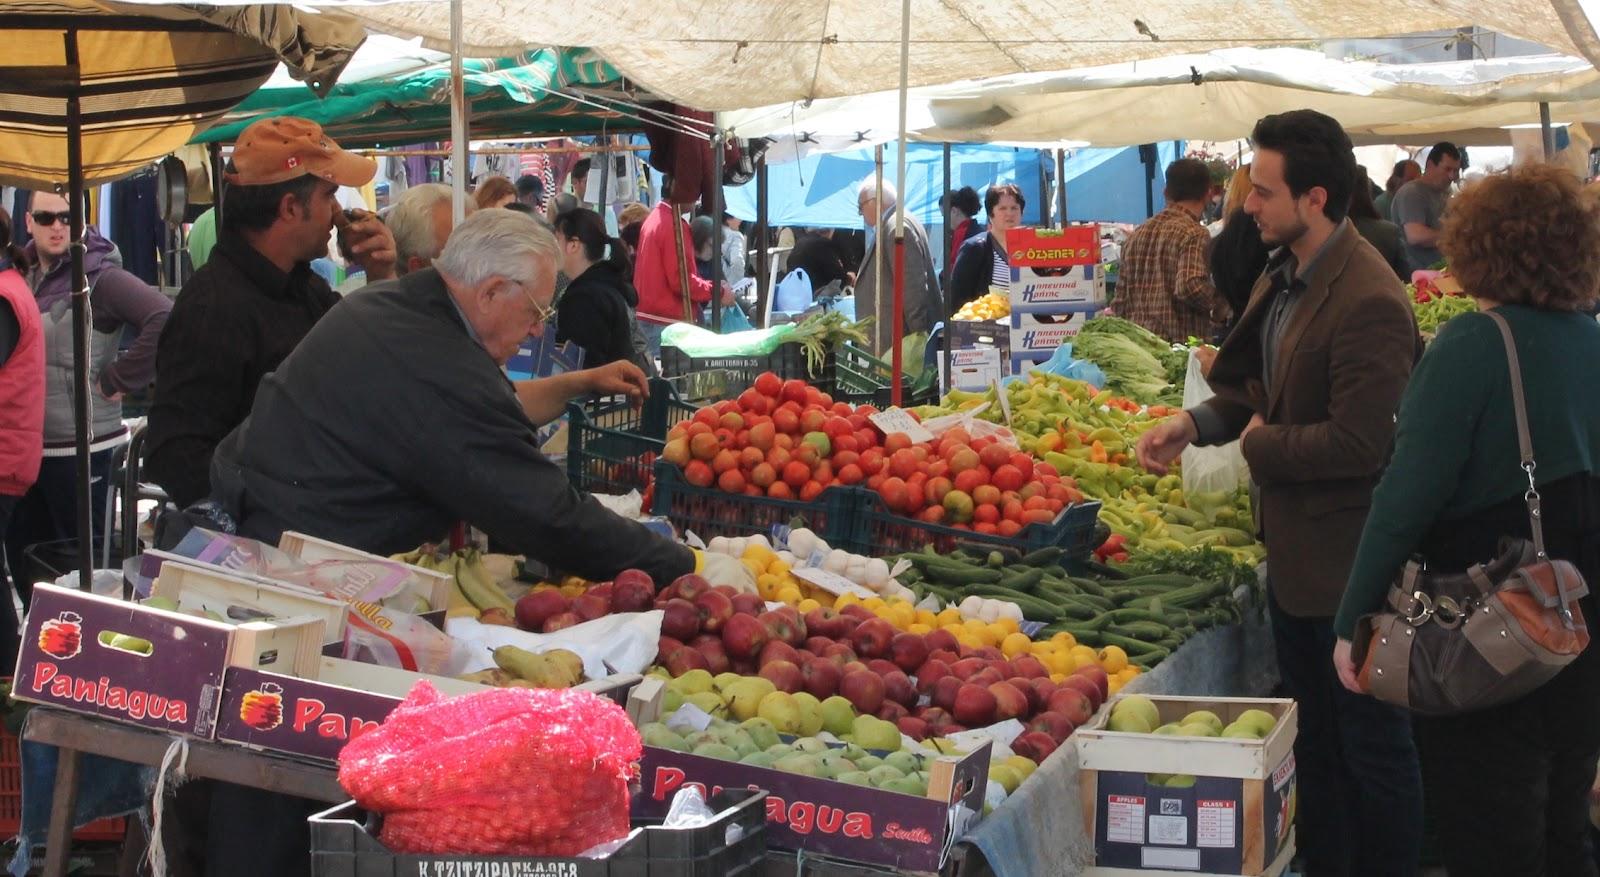 Ενίσχυση οικογενειών σε ανάγκη από την Περιφέρεια Αττικής